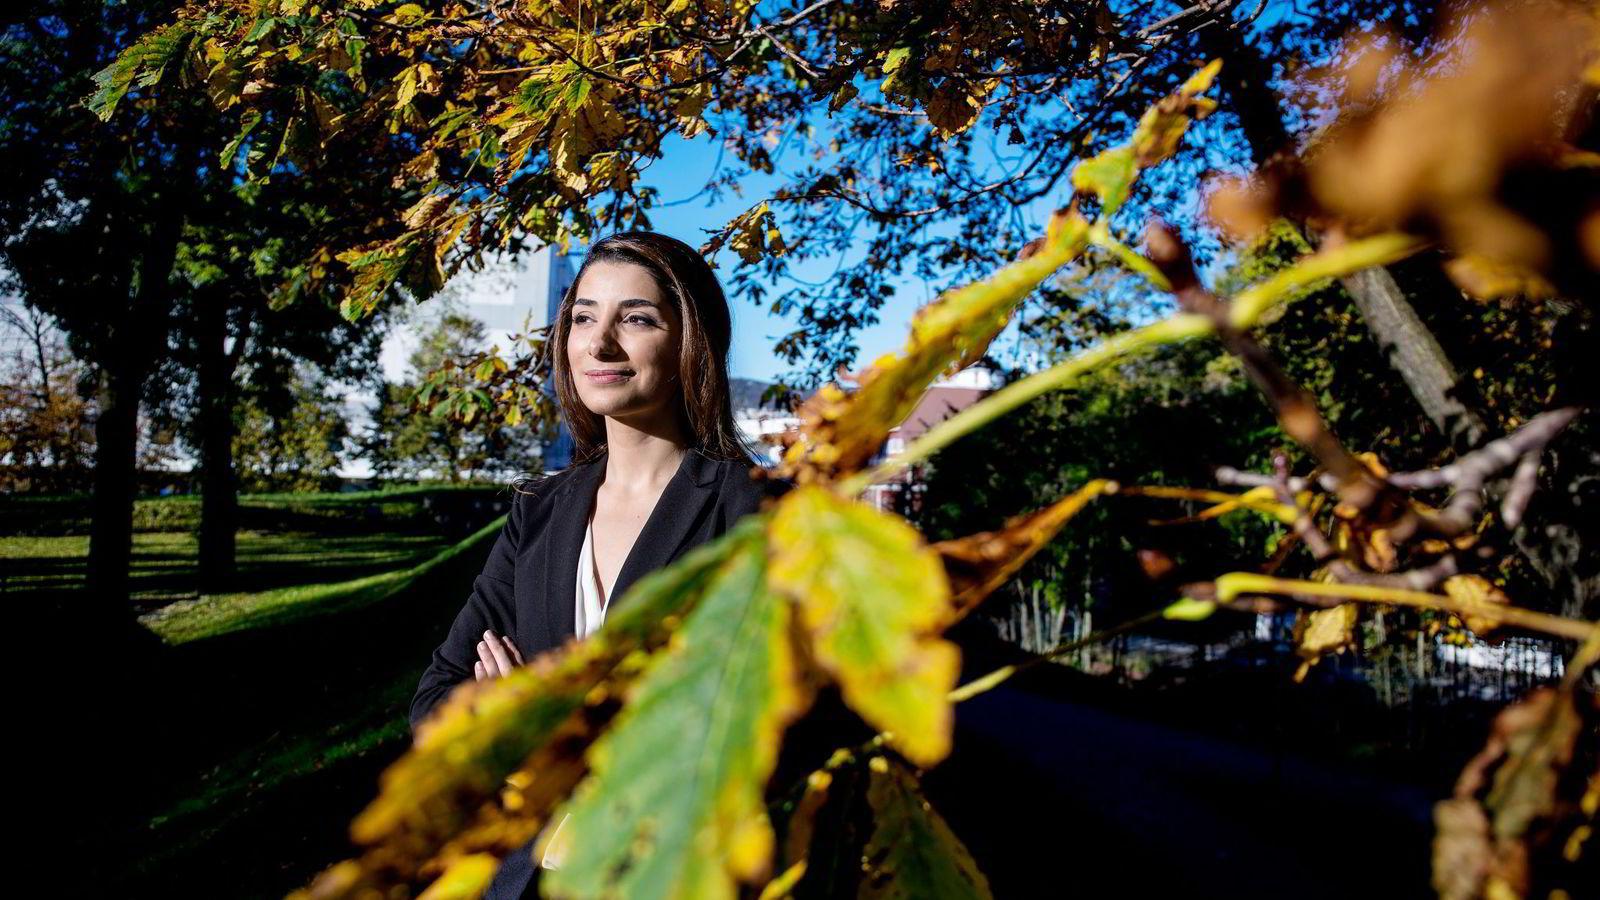 Tredjeårsstudent Sarah Sleeman (22) ved eiendomsmeglerutdannelsen på BI i Bergen merker konkurransen blant medstudentene. Foto: